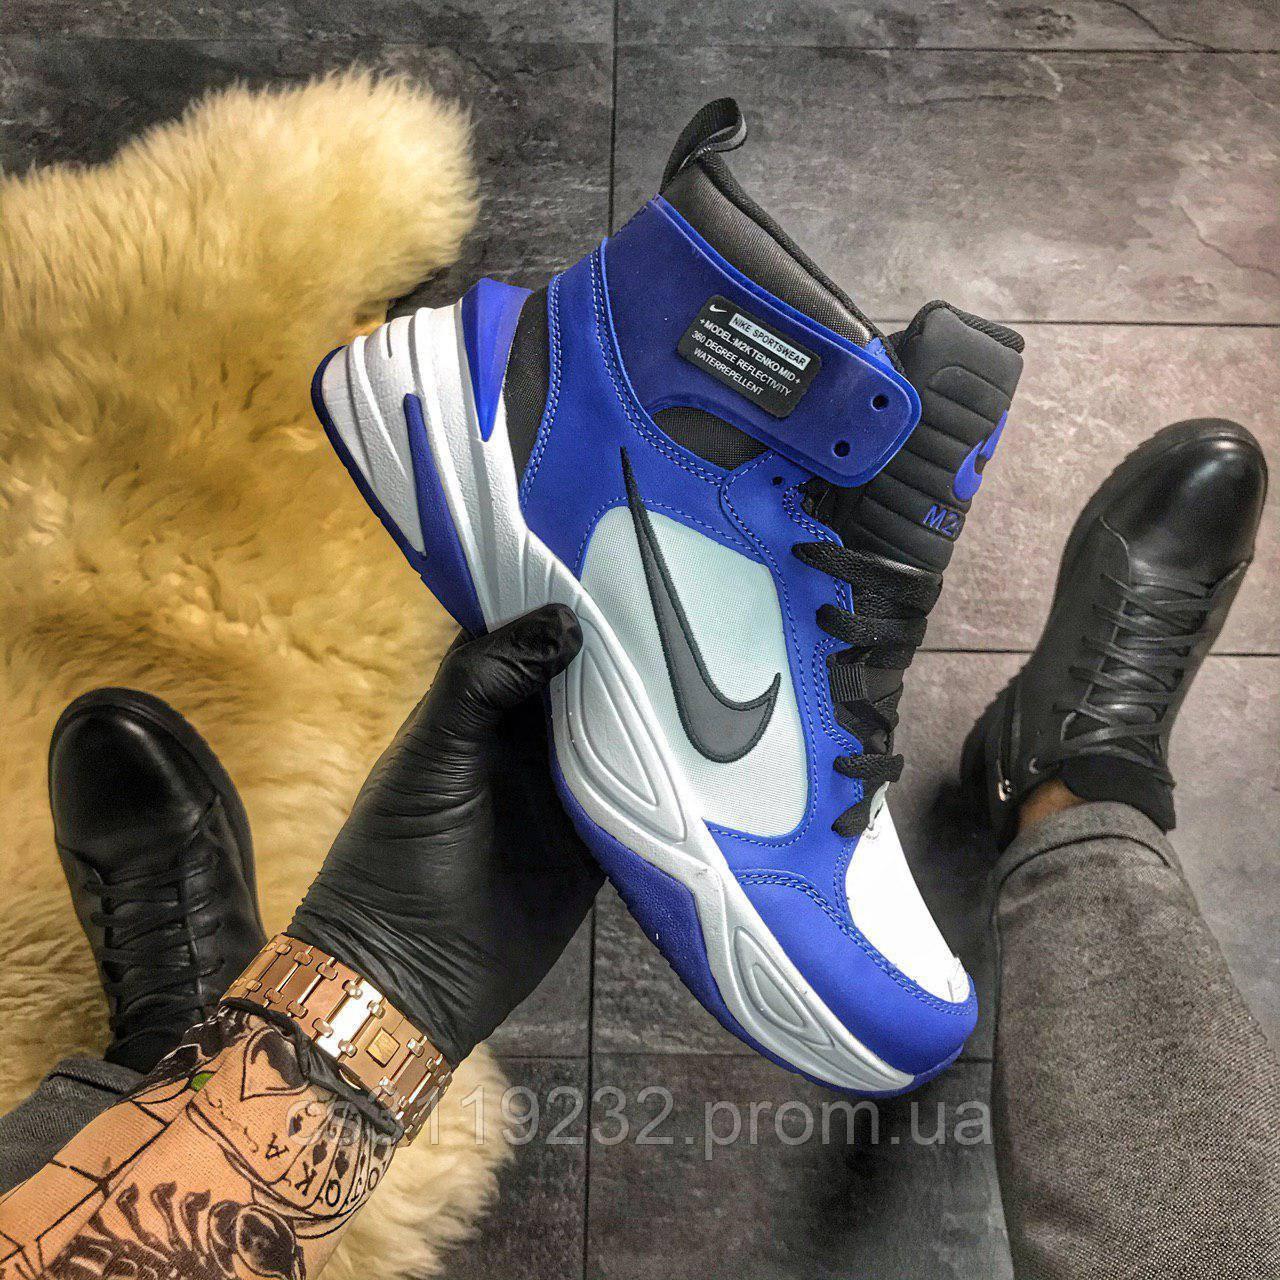 Мужские кроссовки Nike M2K Tekno (термо) (многоцветные)